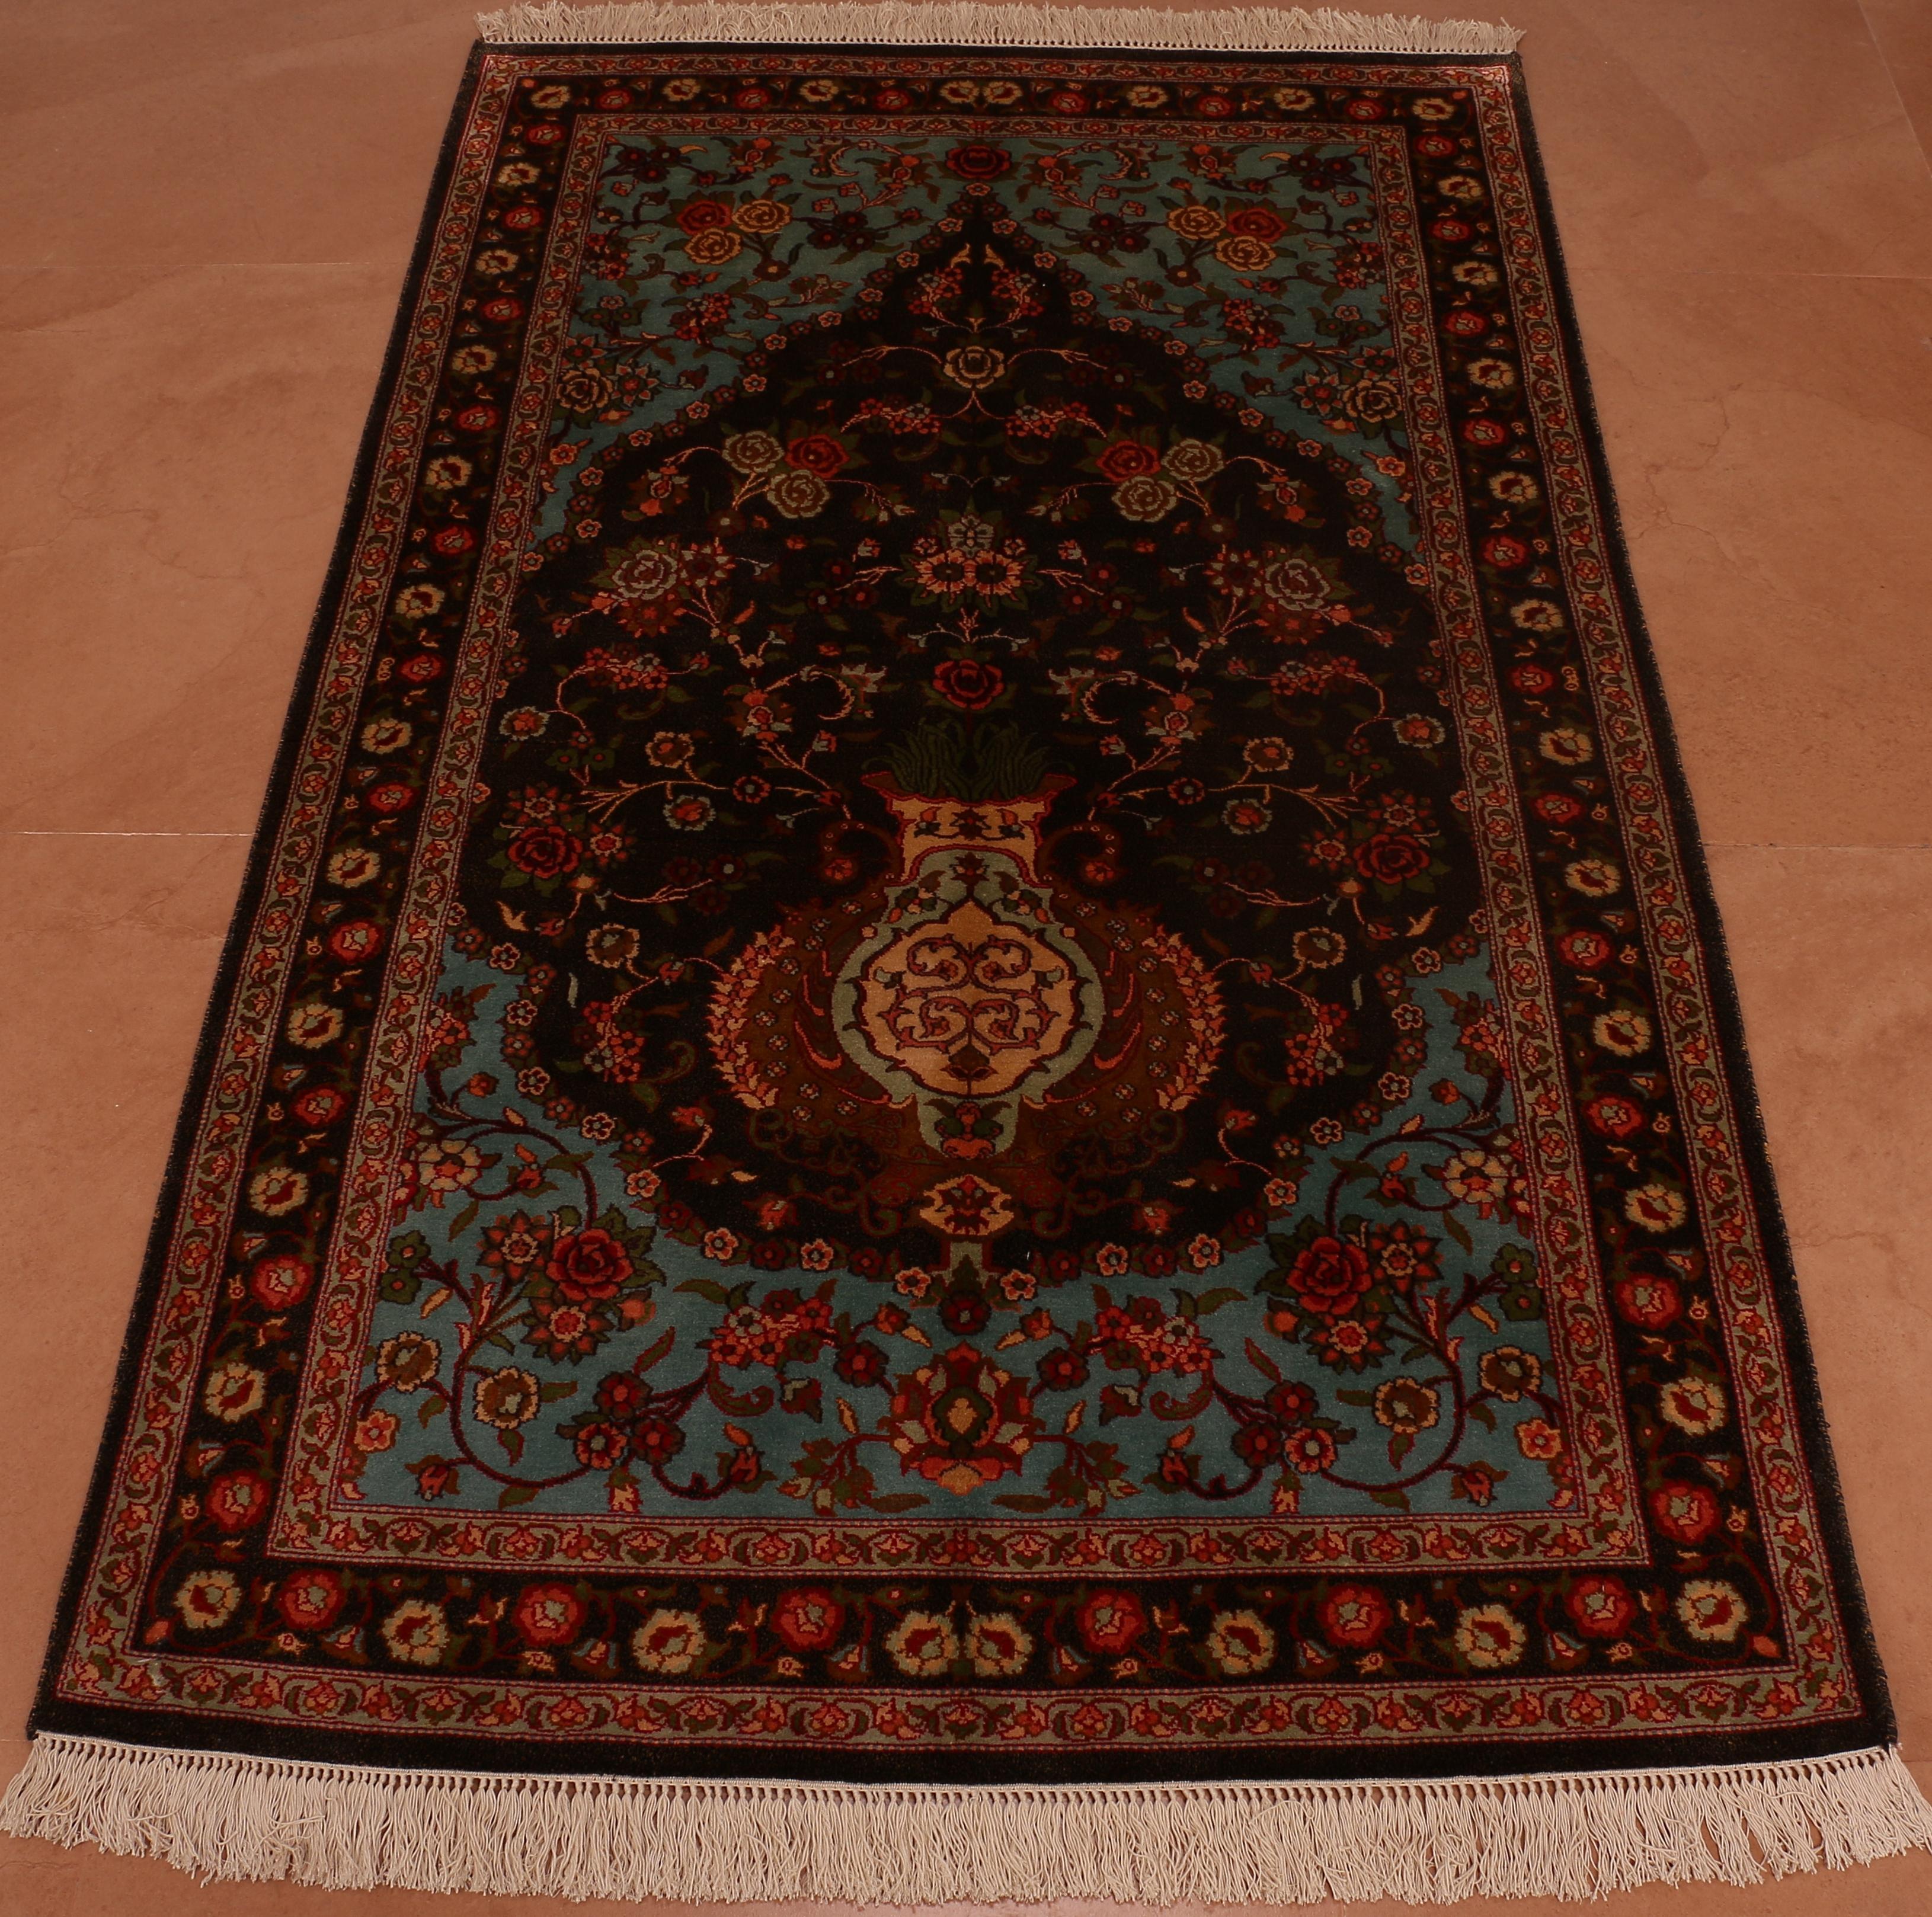 The Carpets Of Kashmir Blog